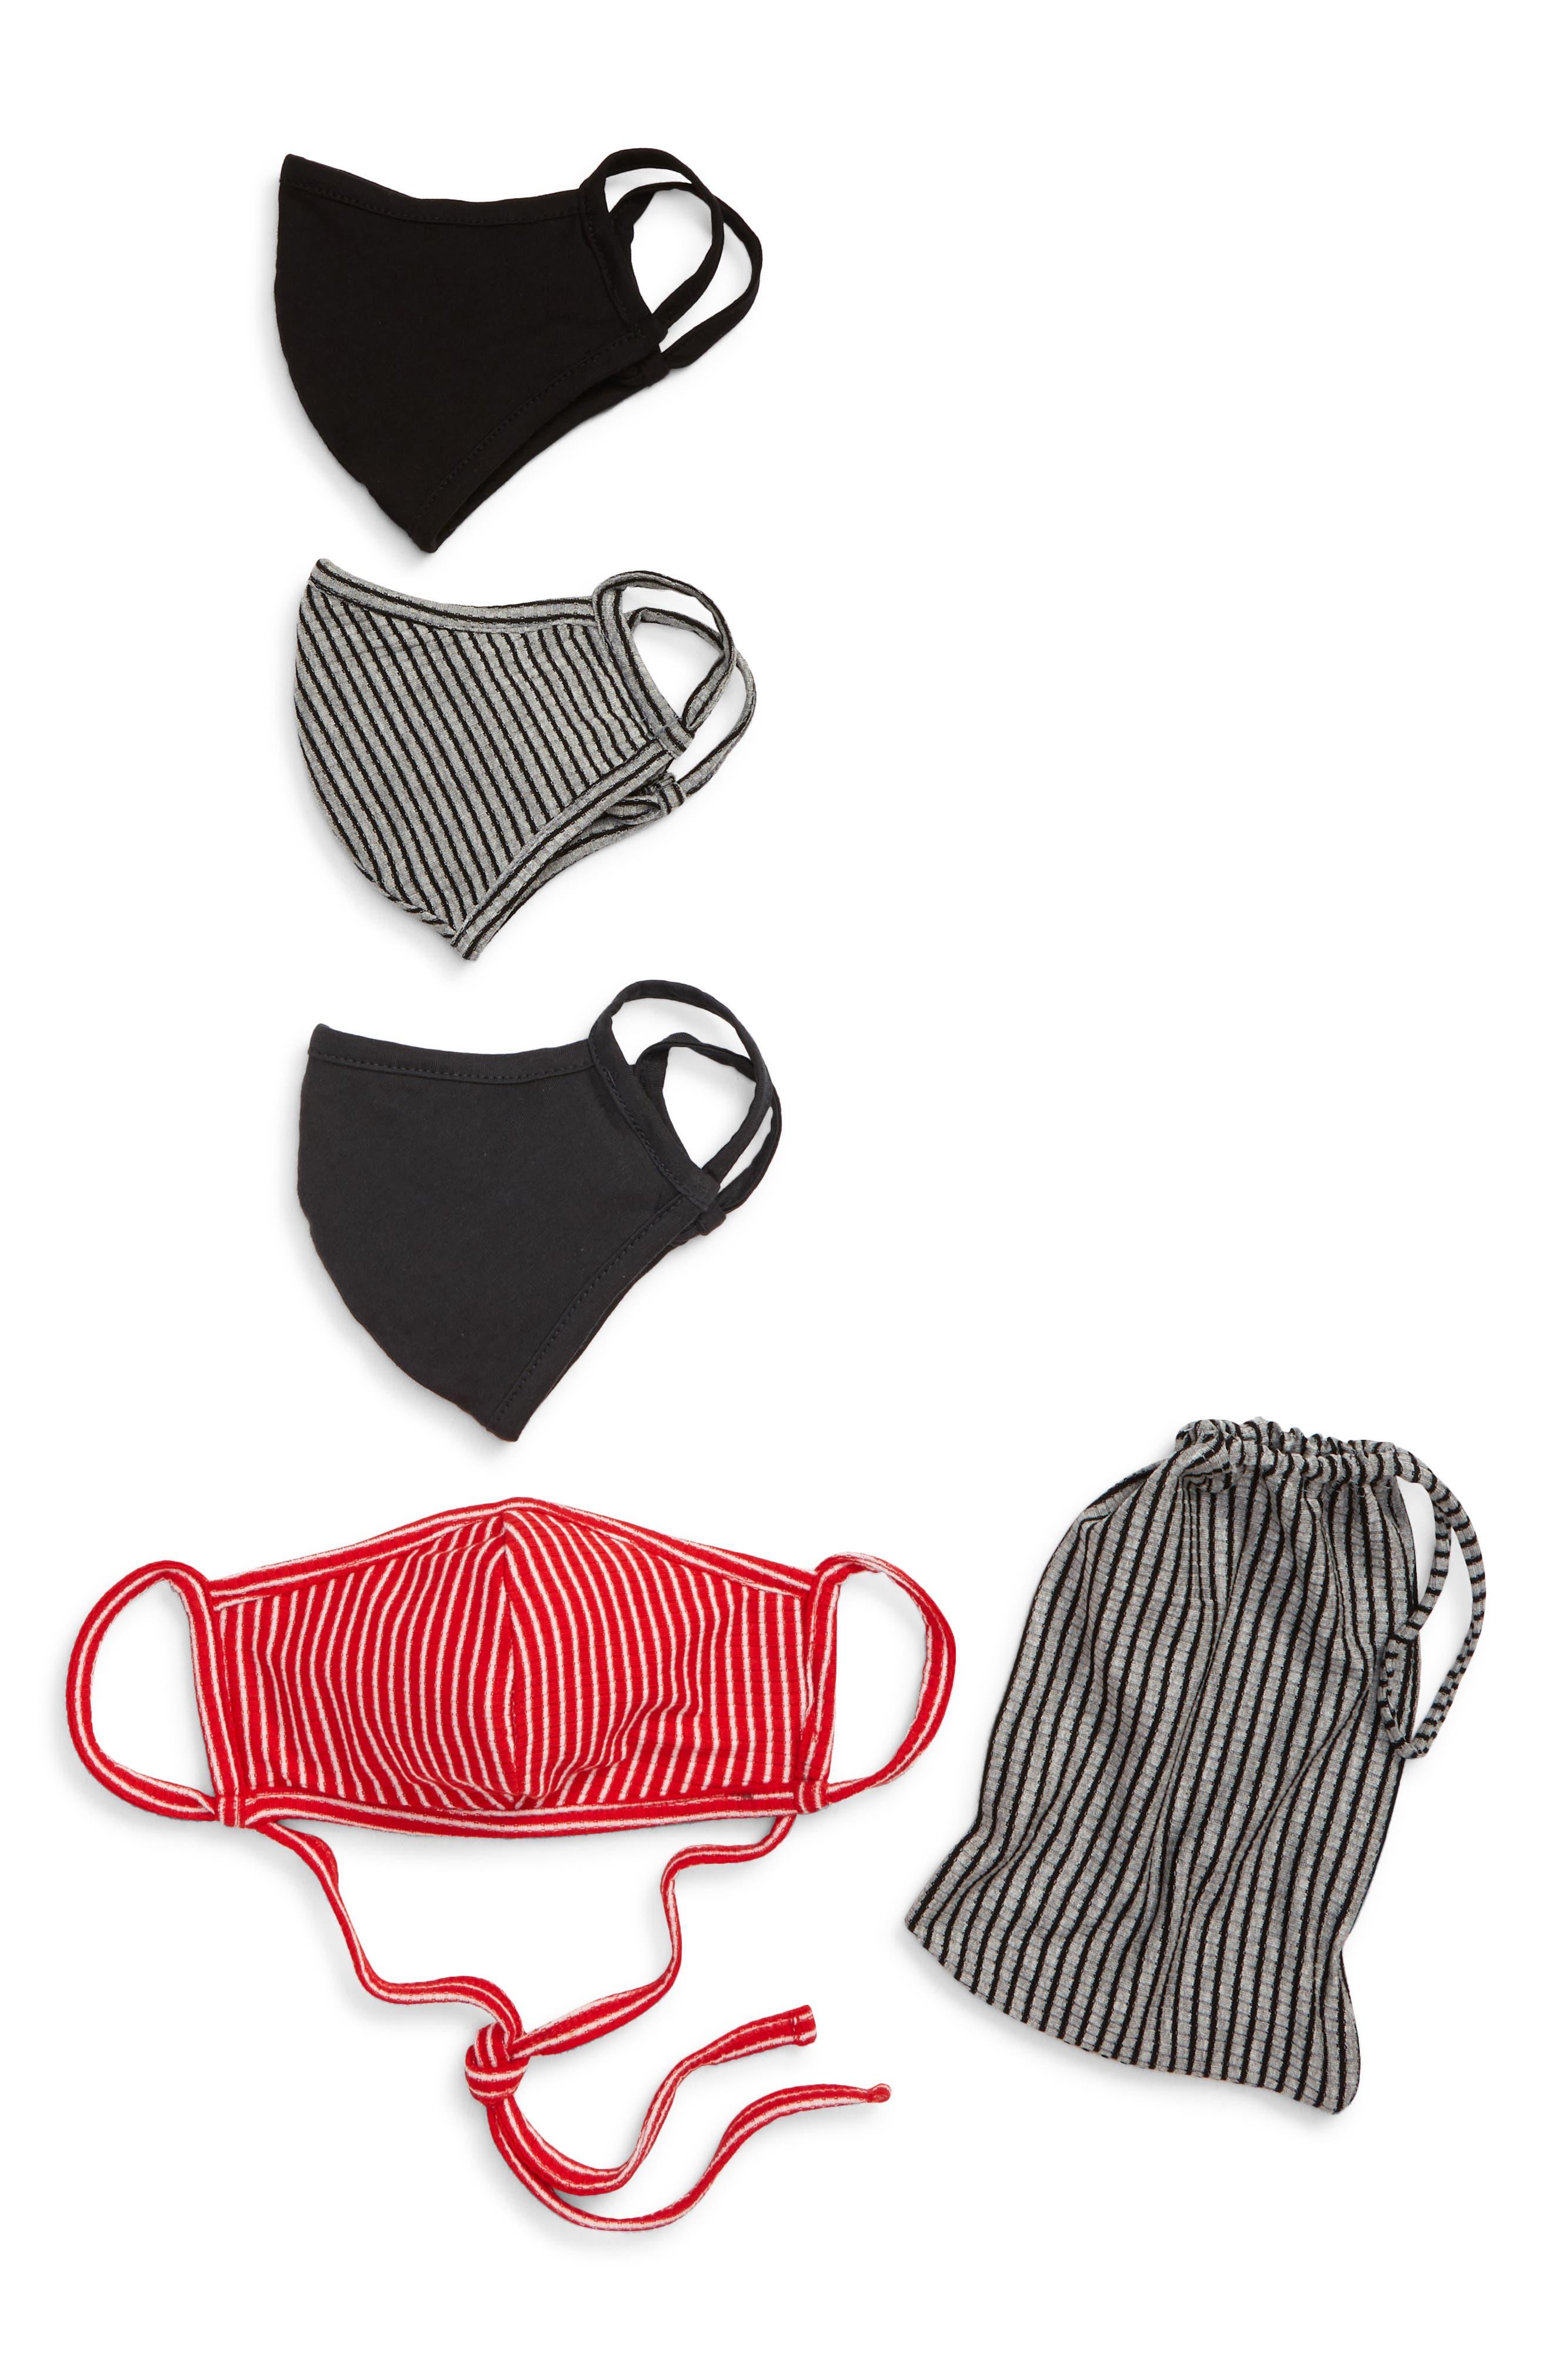 Image of Nordstrom Adult Face Masks - Pack of 4